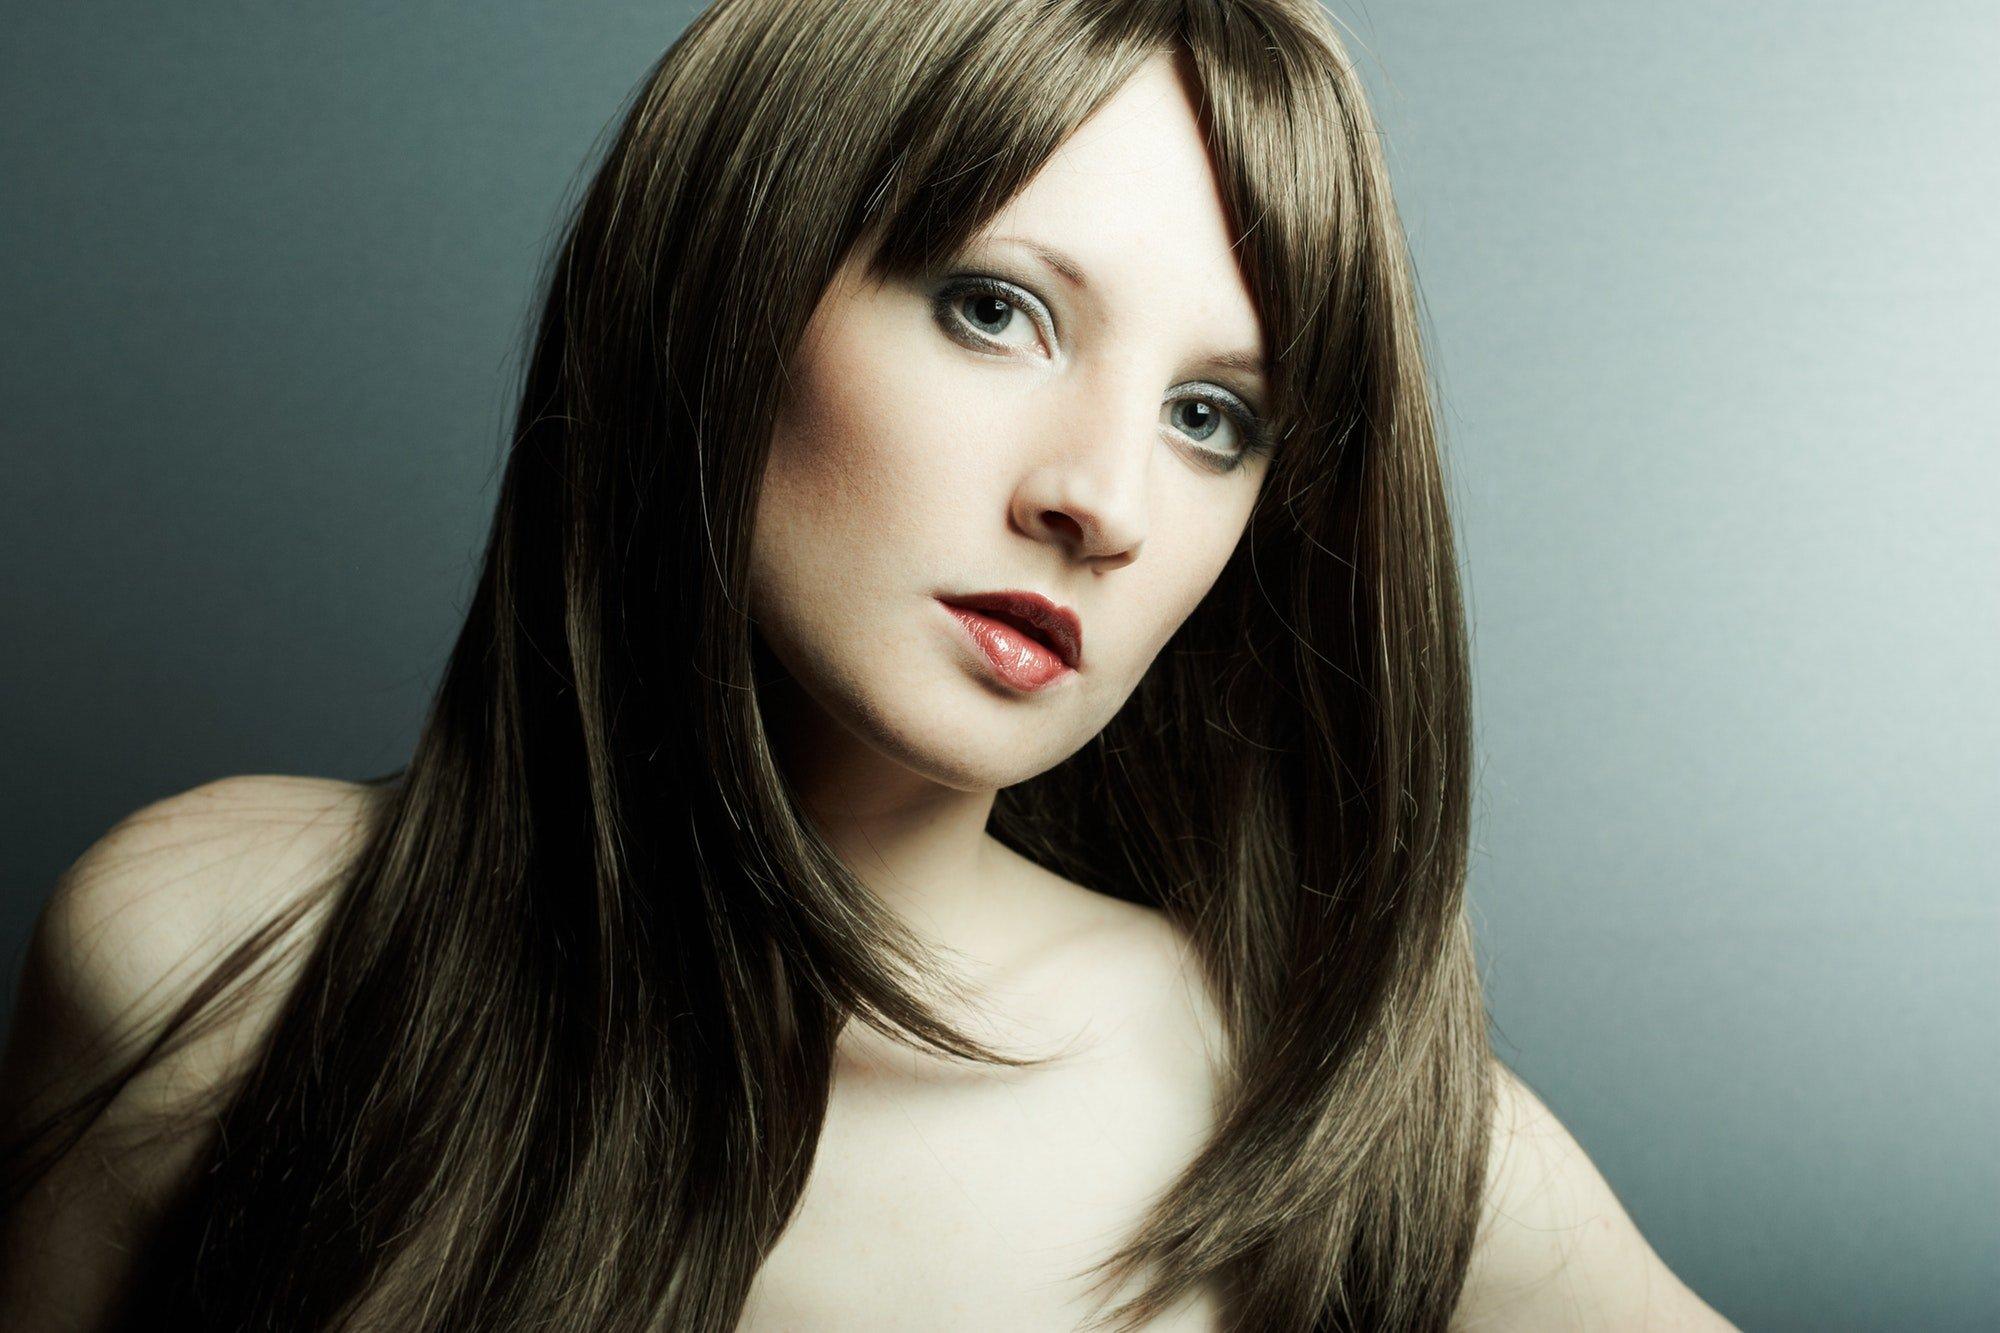 Eine hübsche Frau mit braunenr Perücke. Es gibt tausende von Perücken für alle Arten von Frauen.